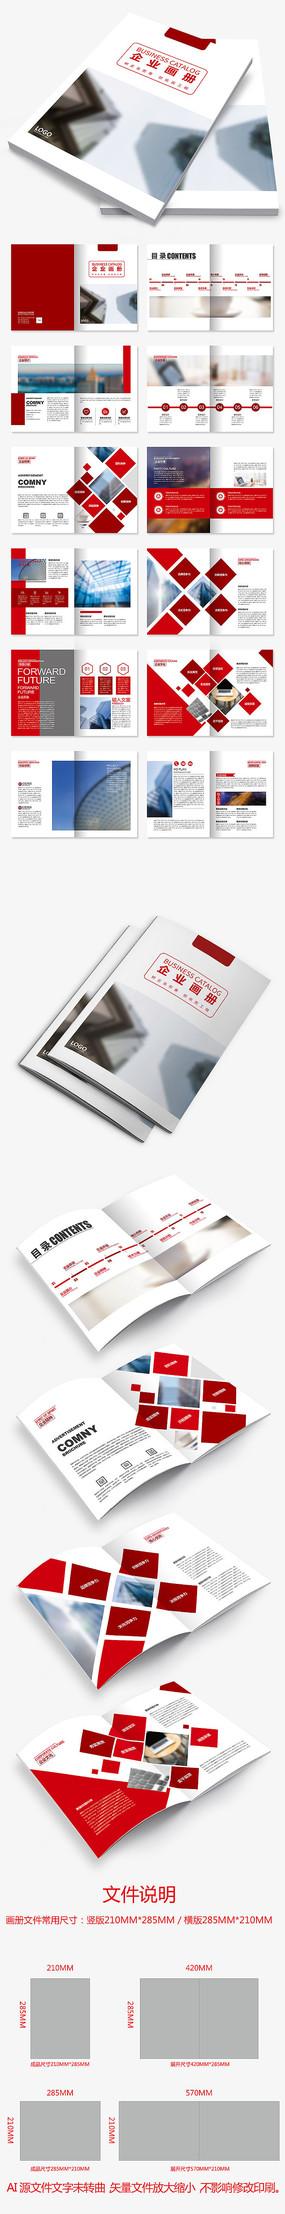 红色商务招商公司宣传册企业画册设计模板